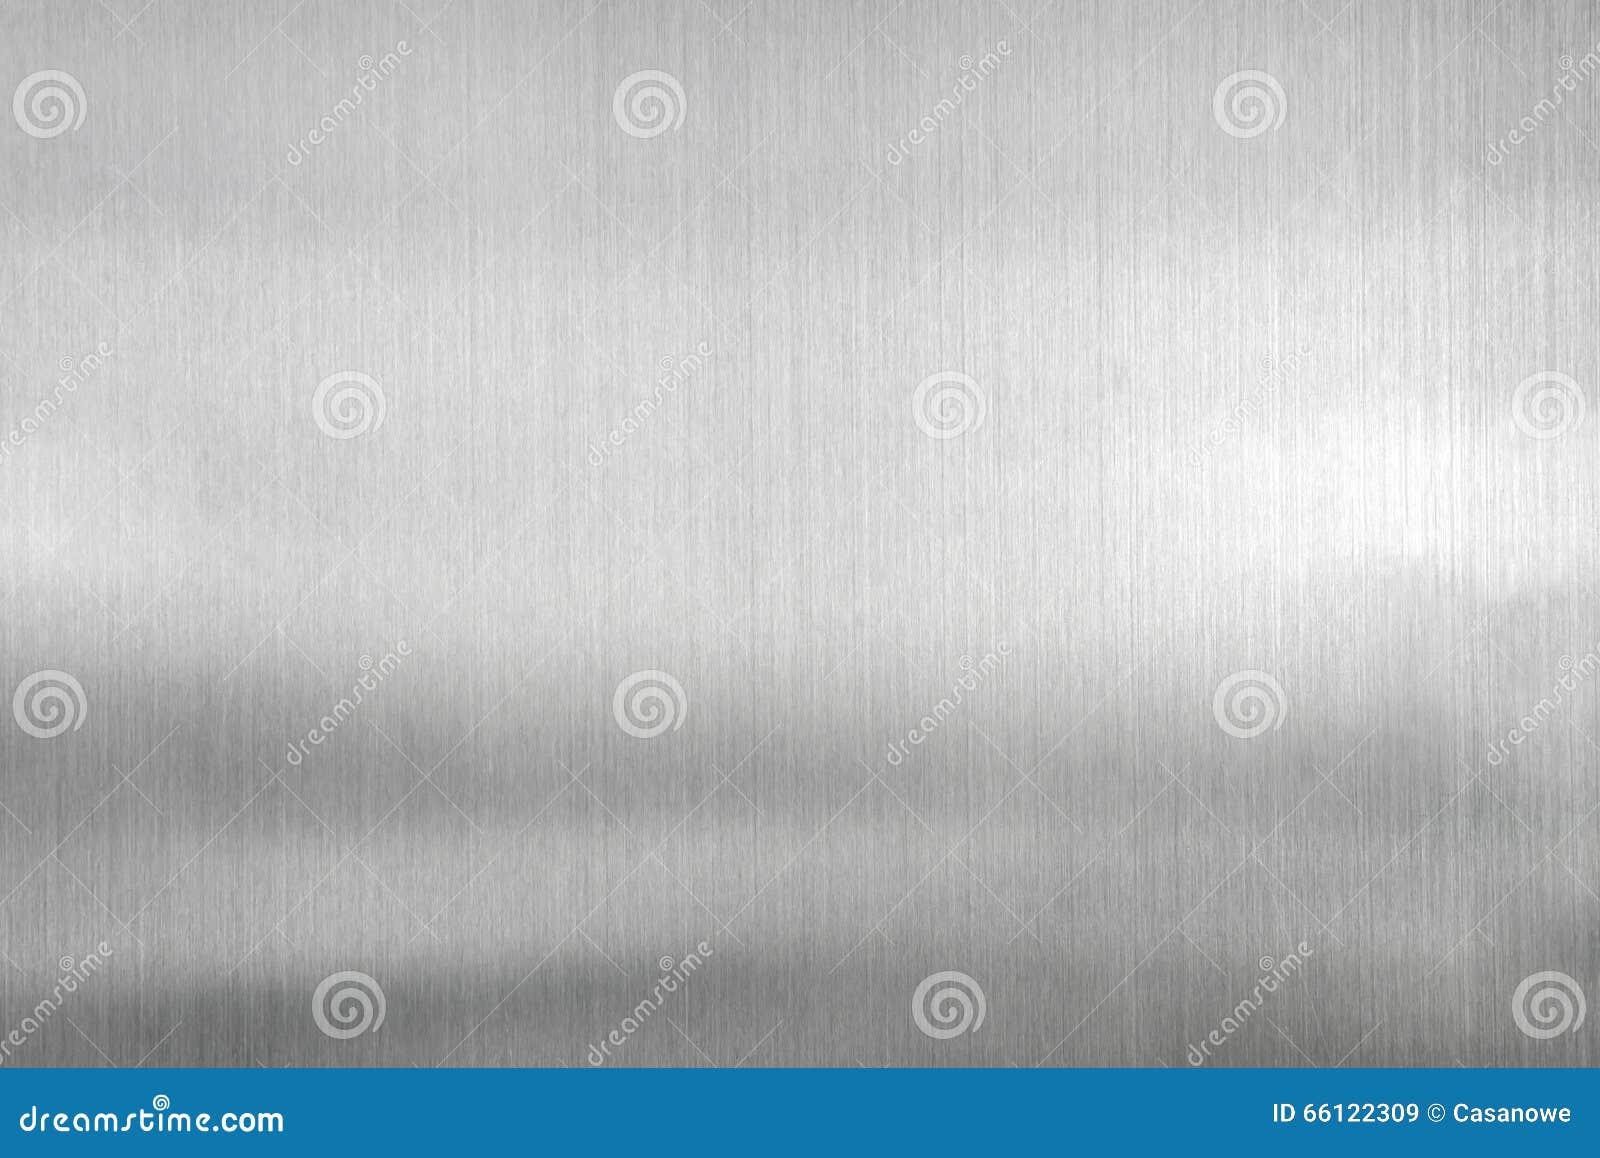 纹理掠过的钢板金属背景